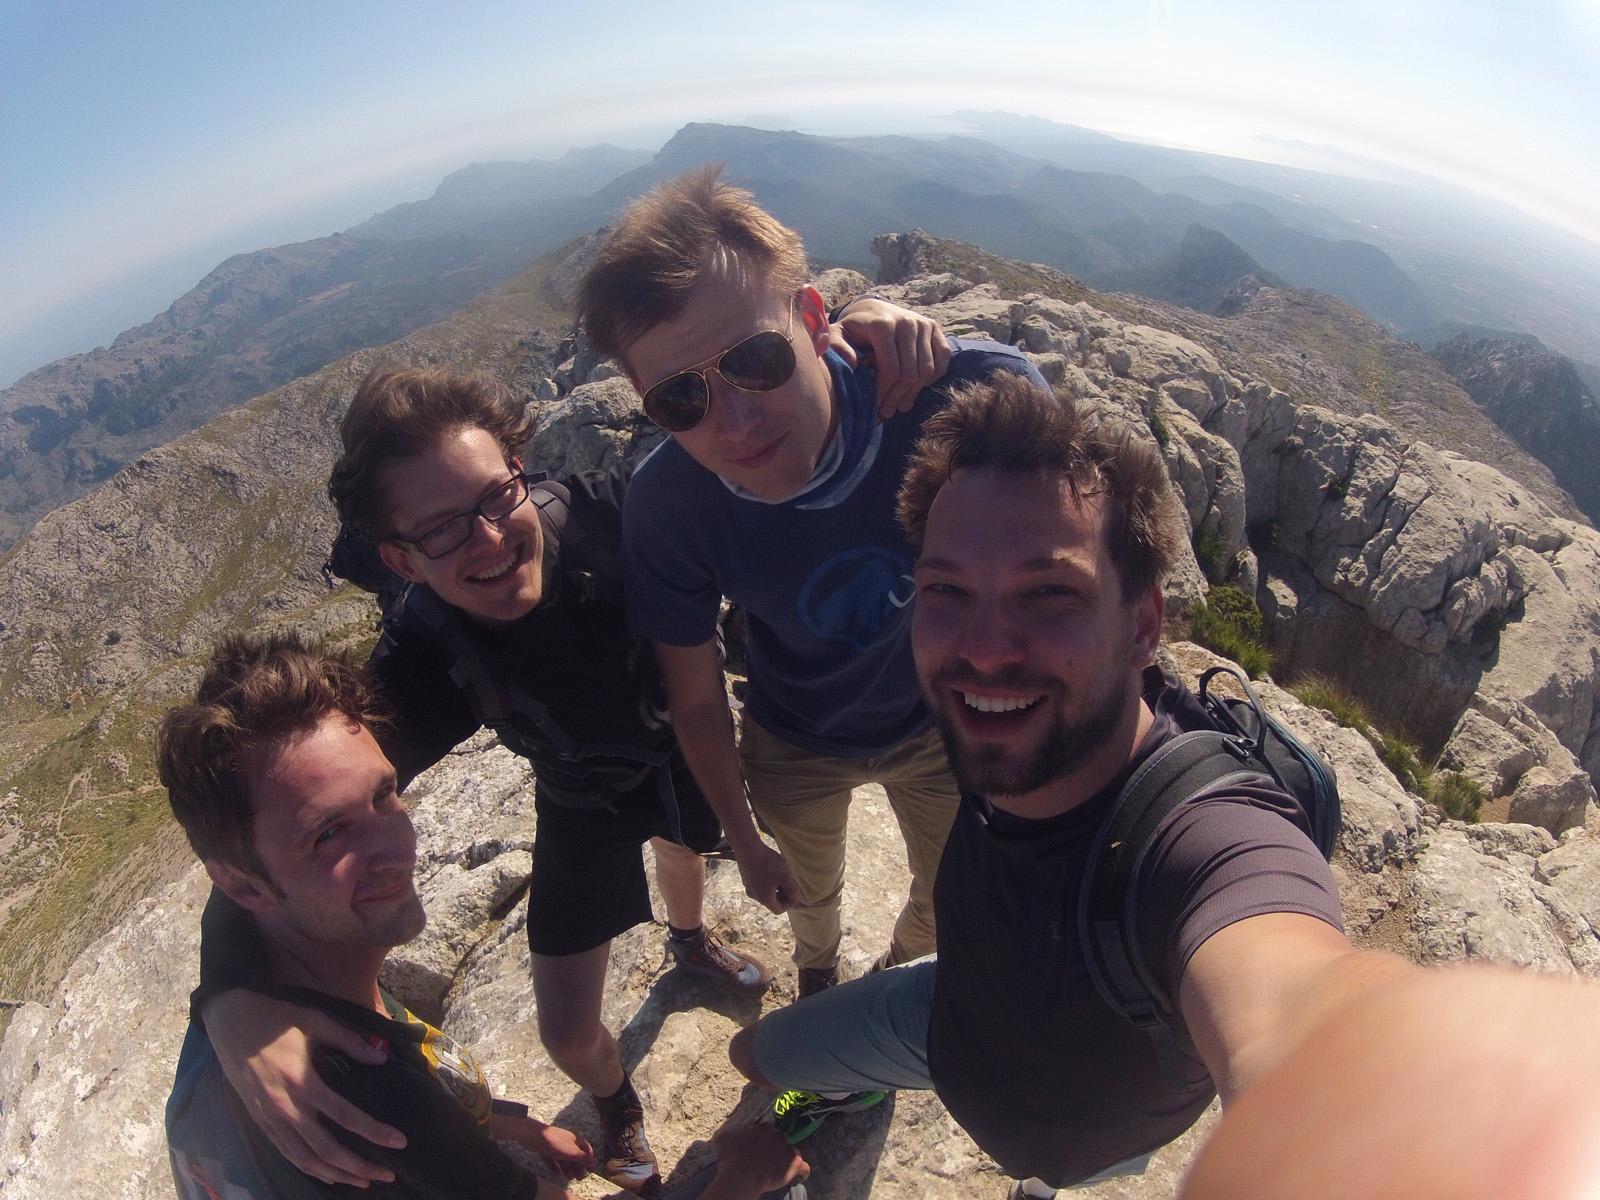 Ein Selfie der vier Gipfel-Bezwinger darf nicht fehlen.